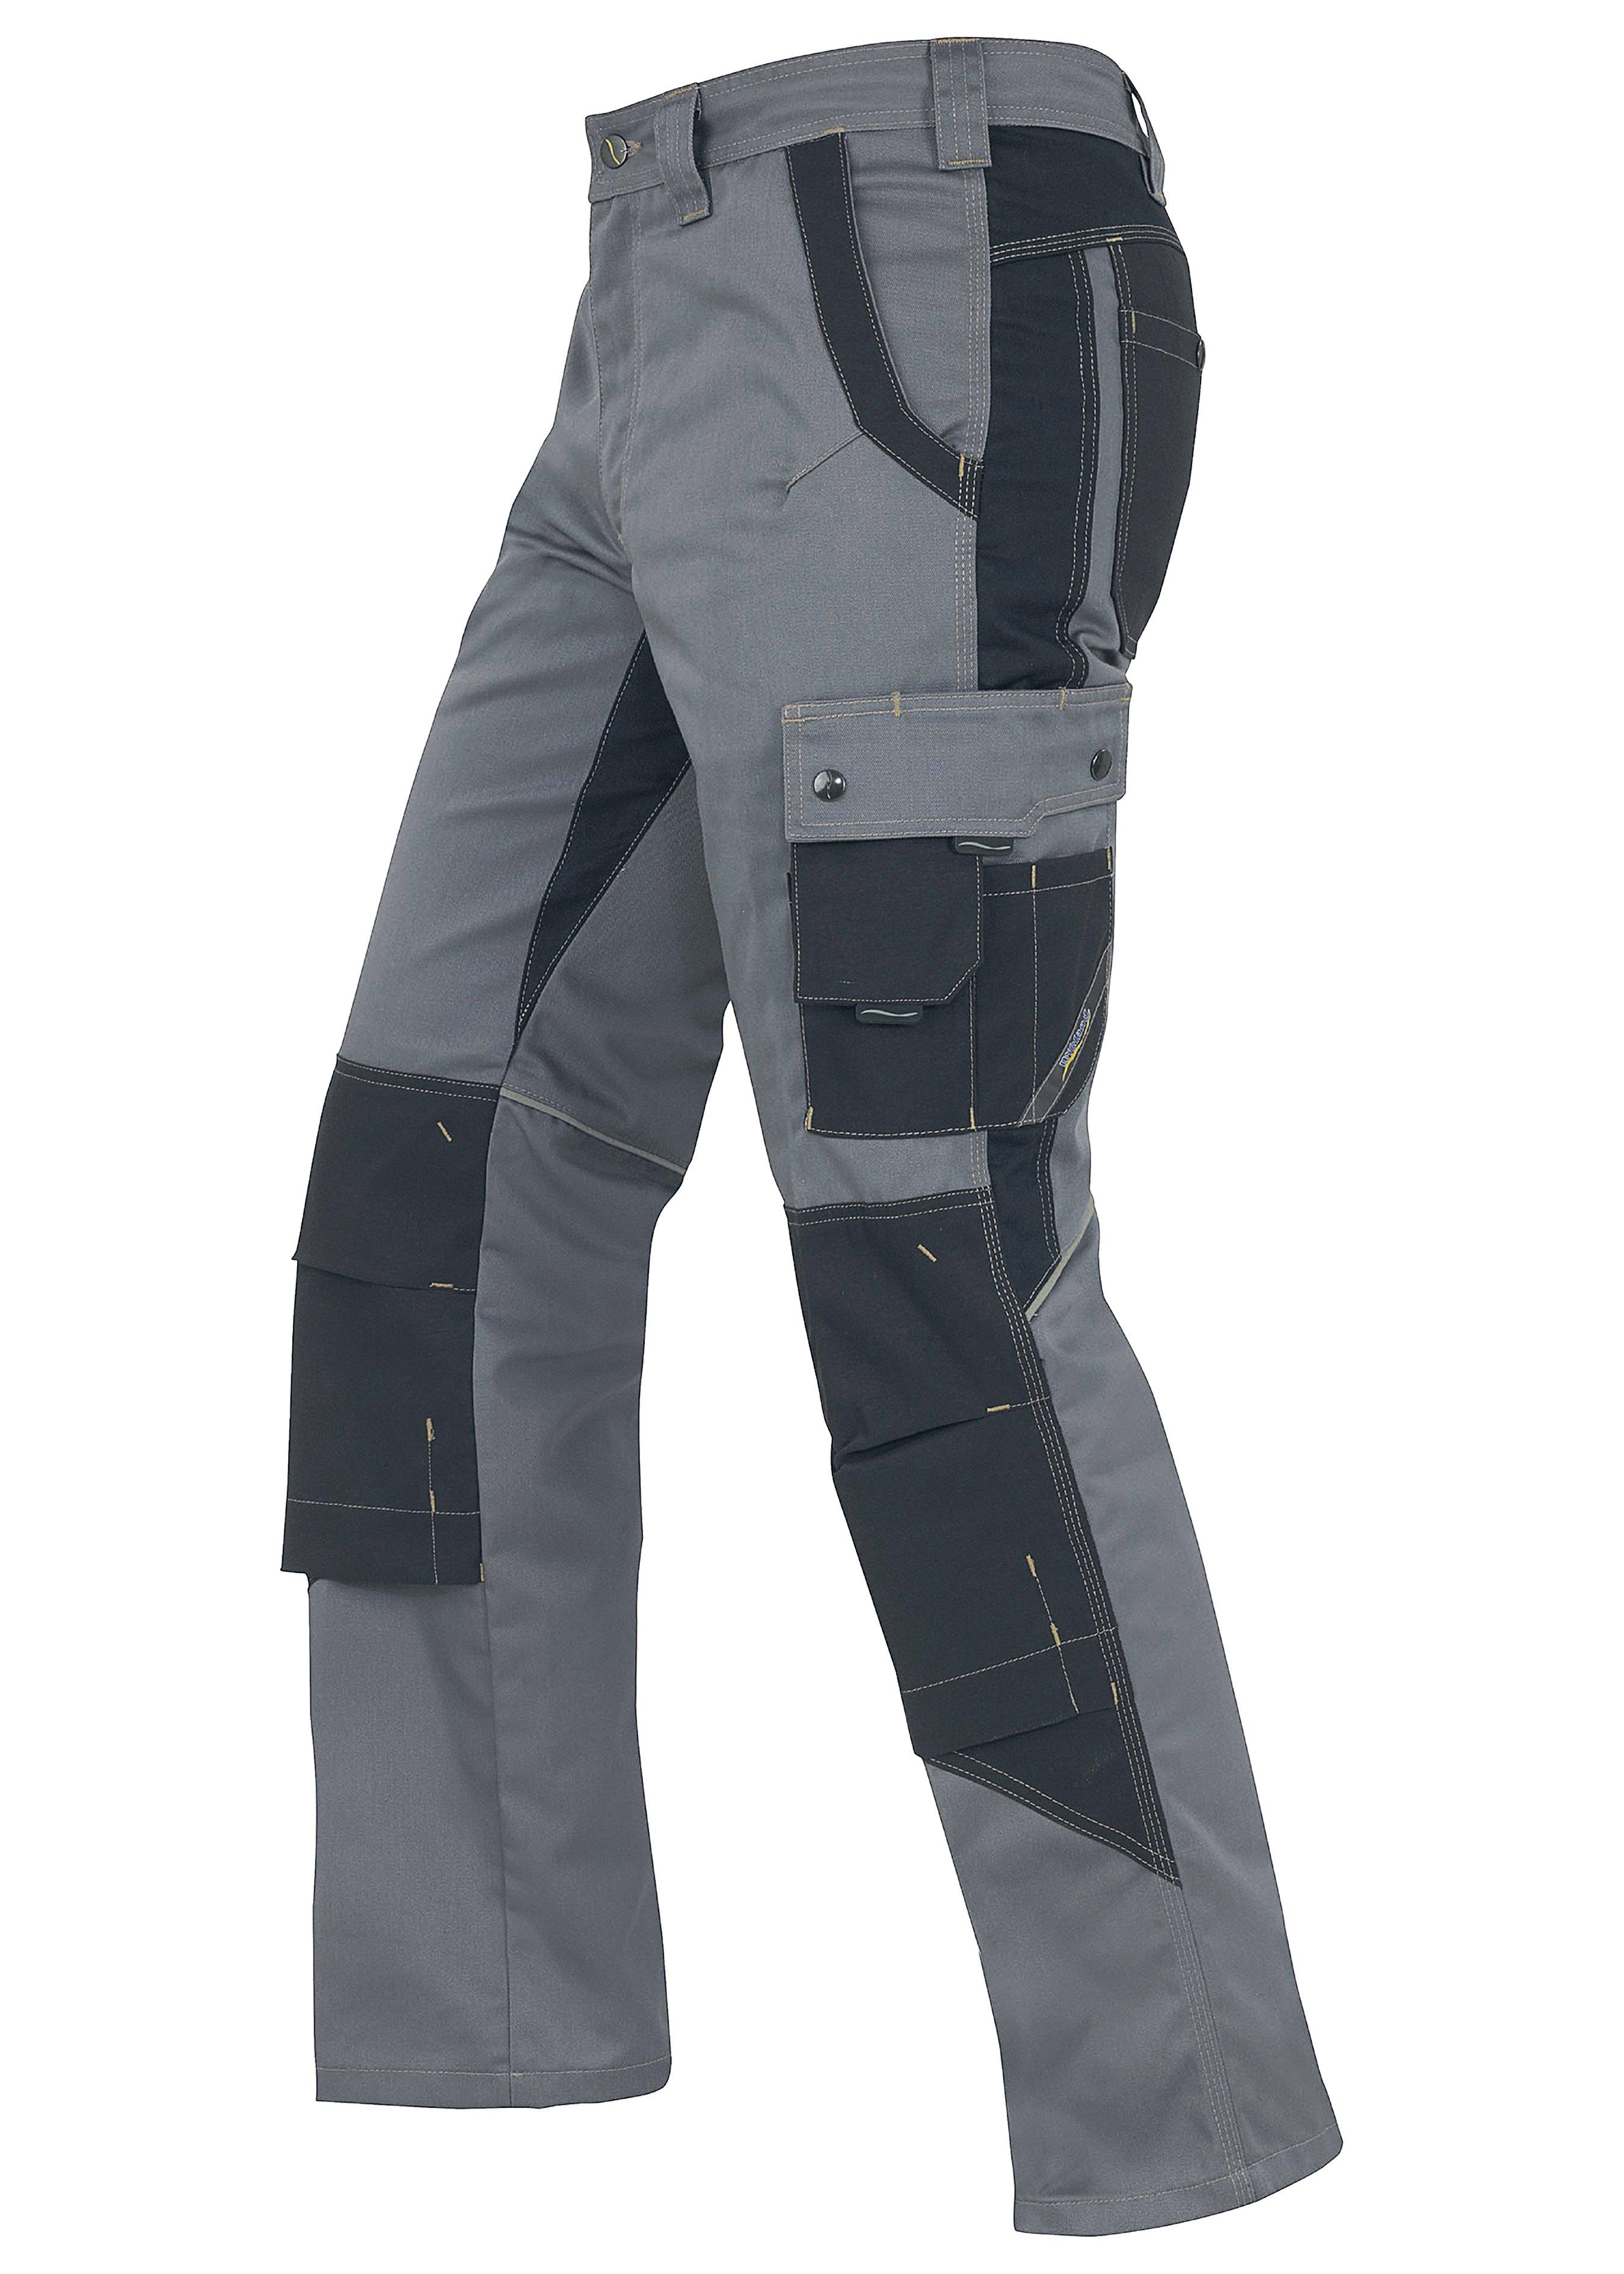 Pantalon de travail d'artisan 1824 avec de poches de genoux 19721138 1